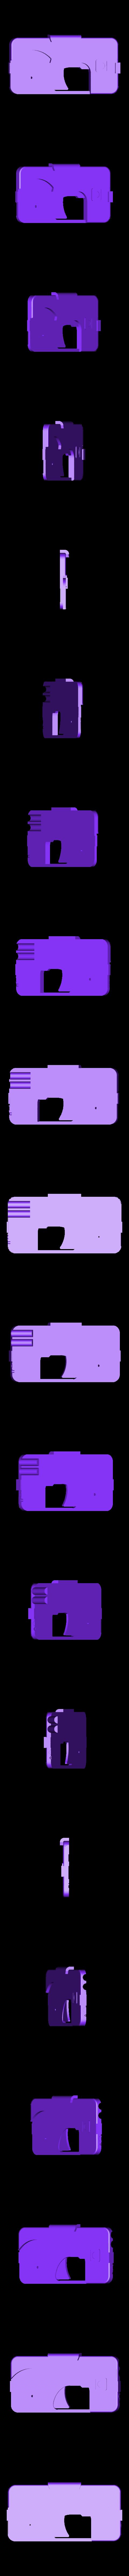 IGun6_Body2.stl Download free STL file Phone Gun • 3D printer object, Snorri